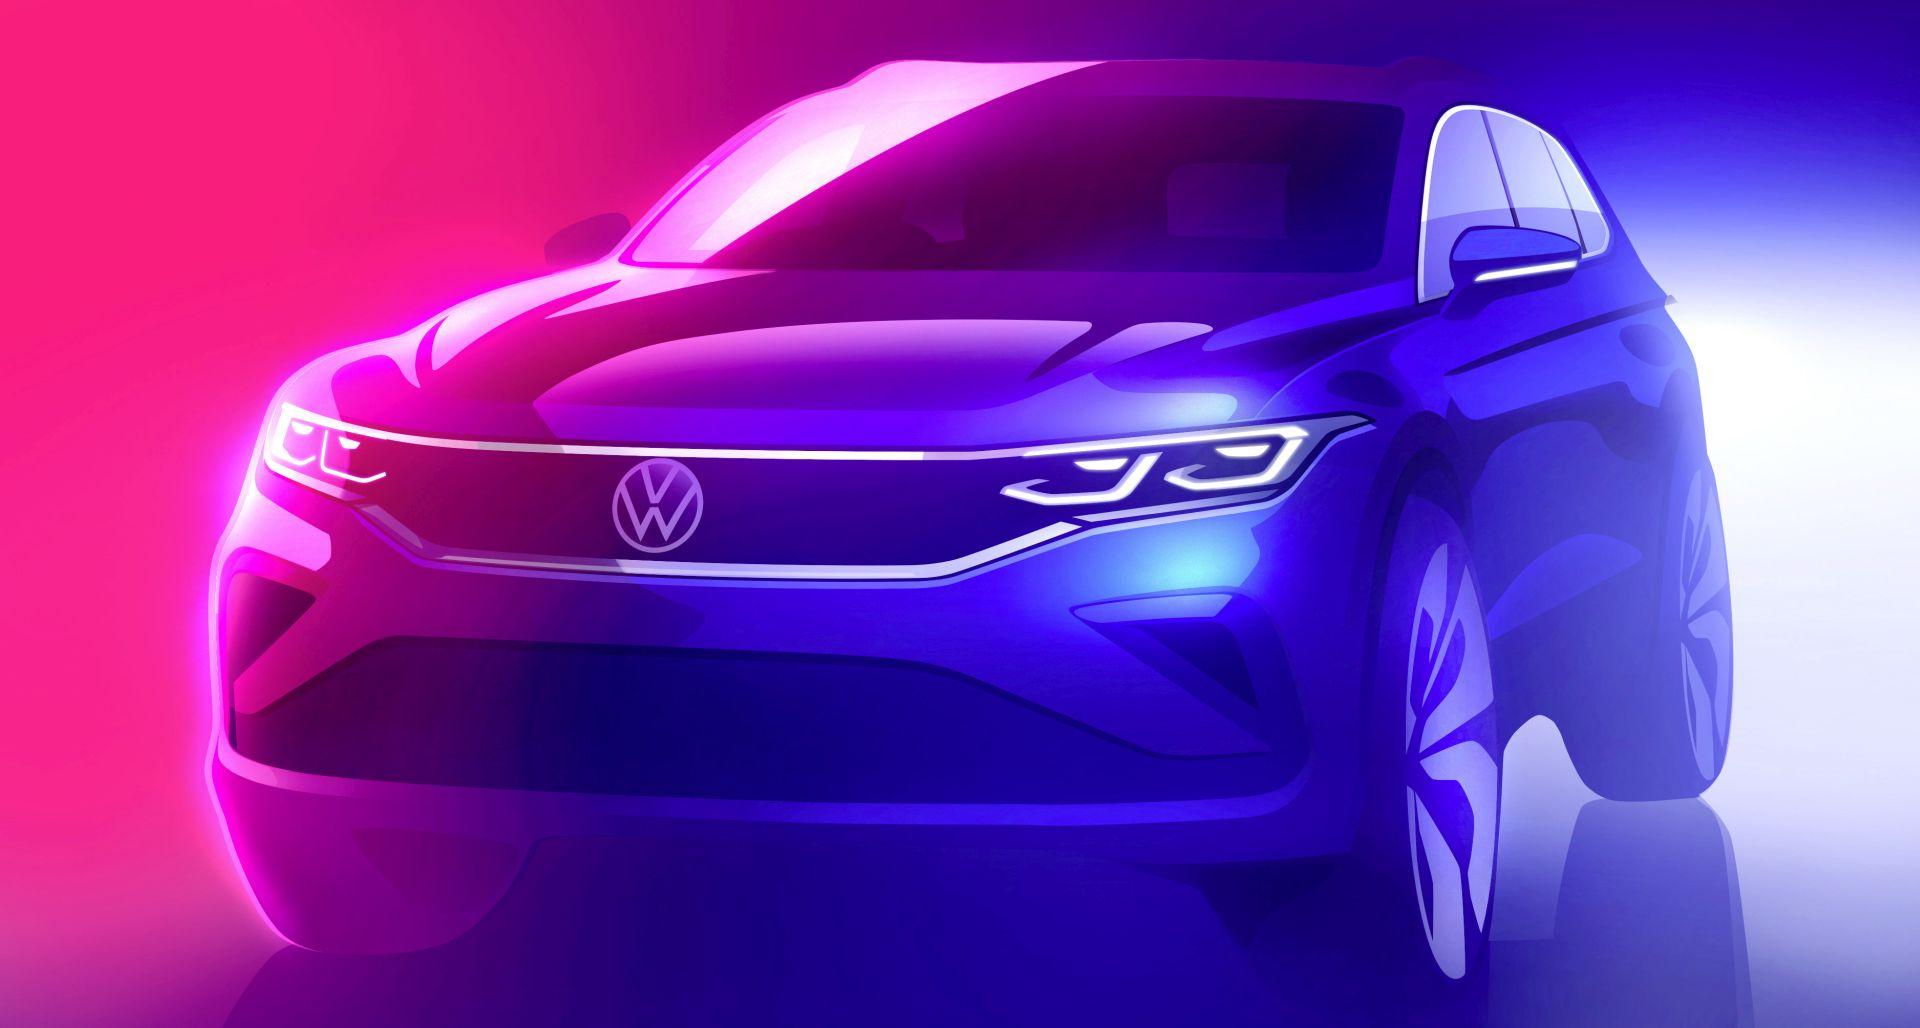 Tiguan je najprodavaniji Volkswagen model u 2019. godini, a uskoro stiže i facelift